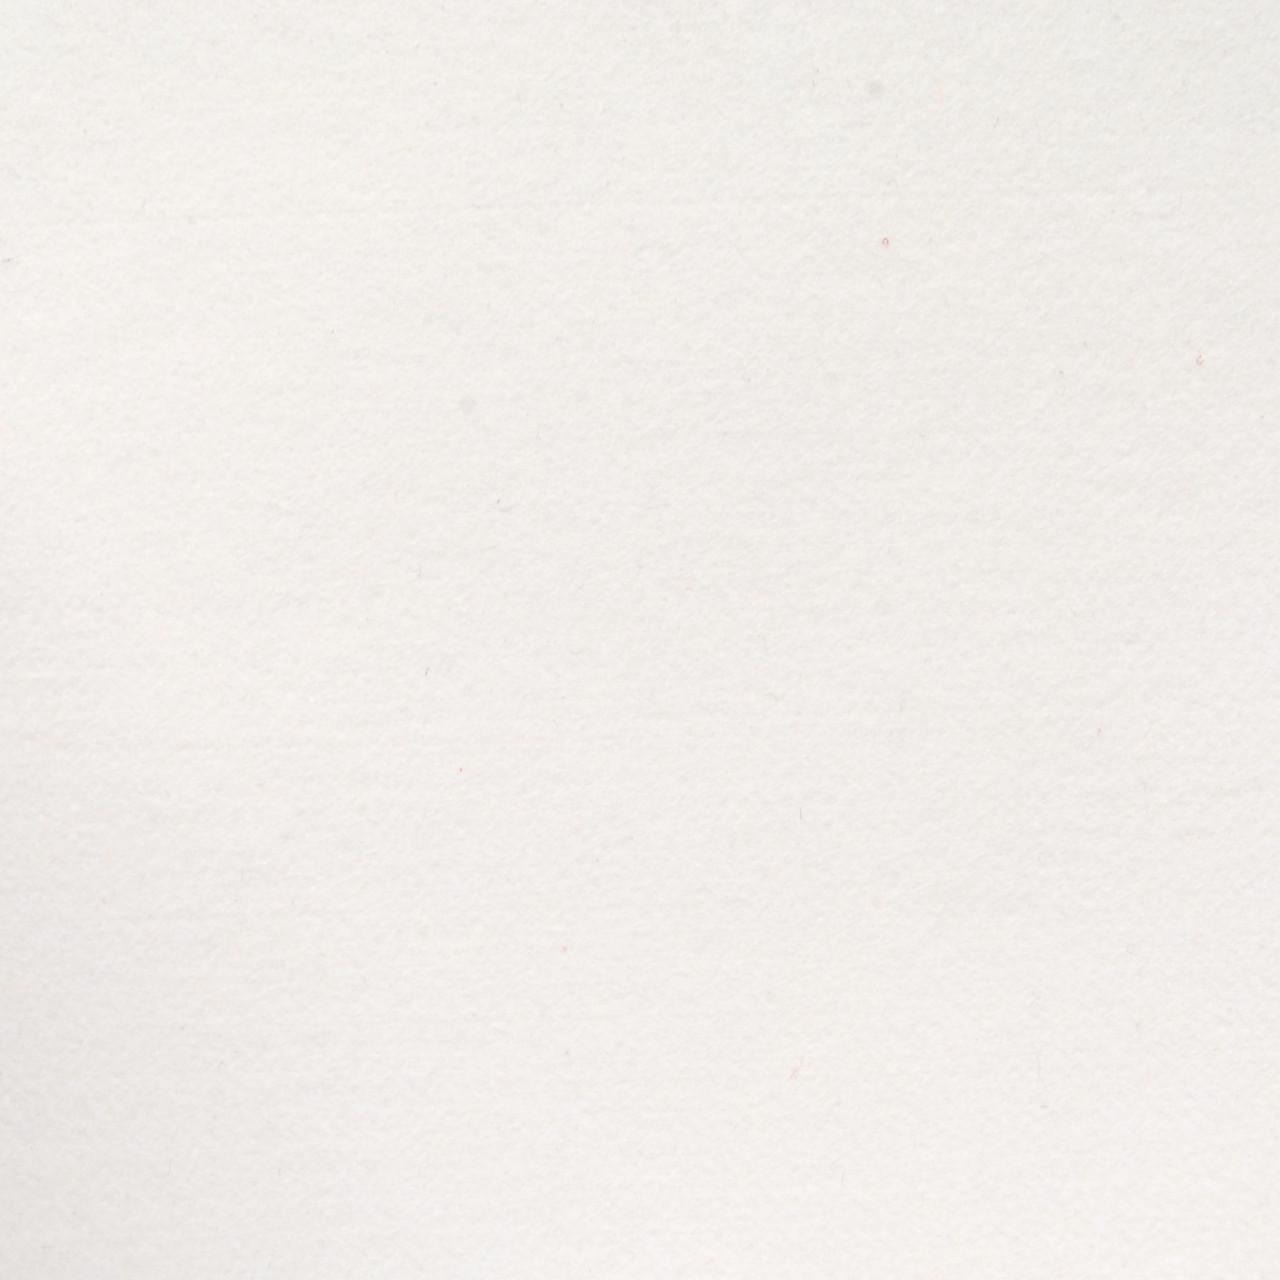 Фетр мягкий 3.5 мм, полиэстер, БЛЕДНО-МОЛОЧНЫЙ, 1 х 1 м, на метраж